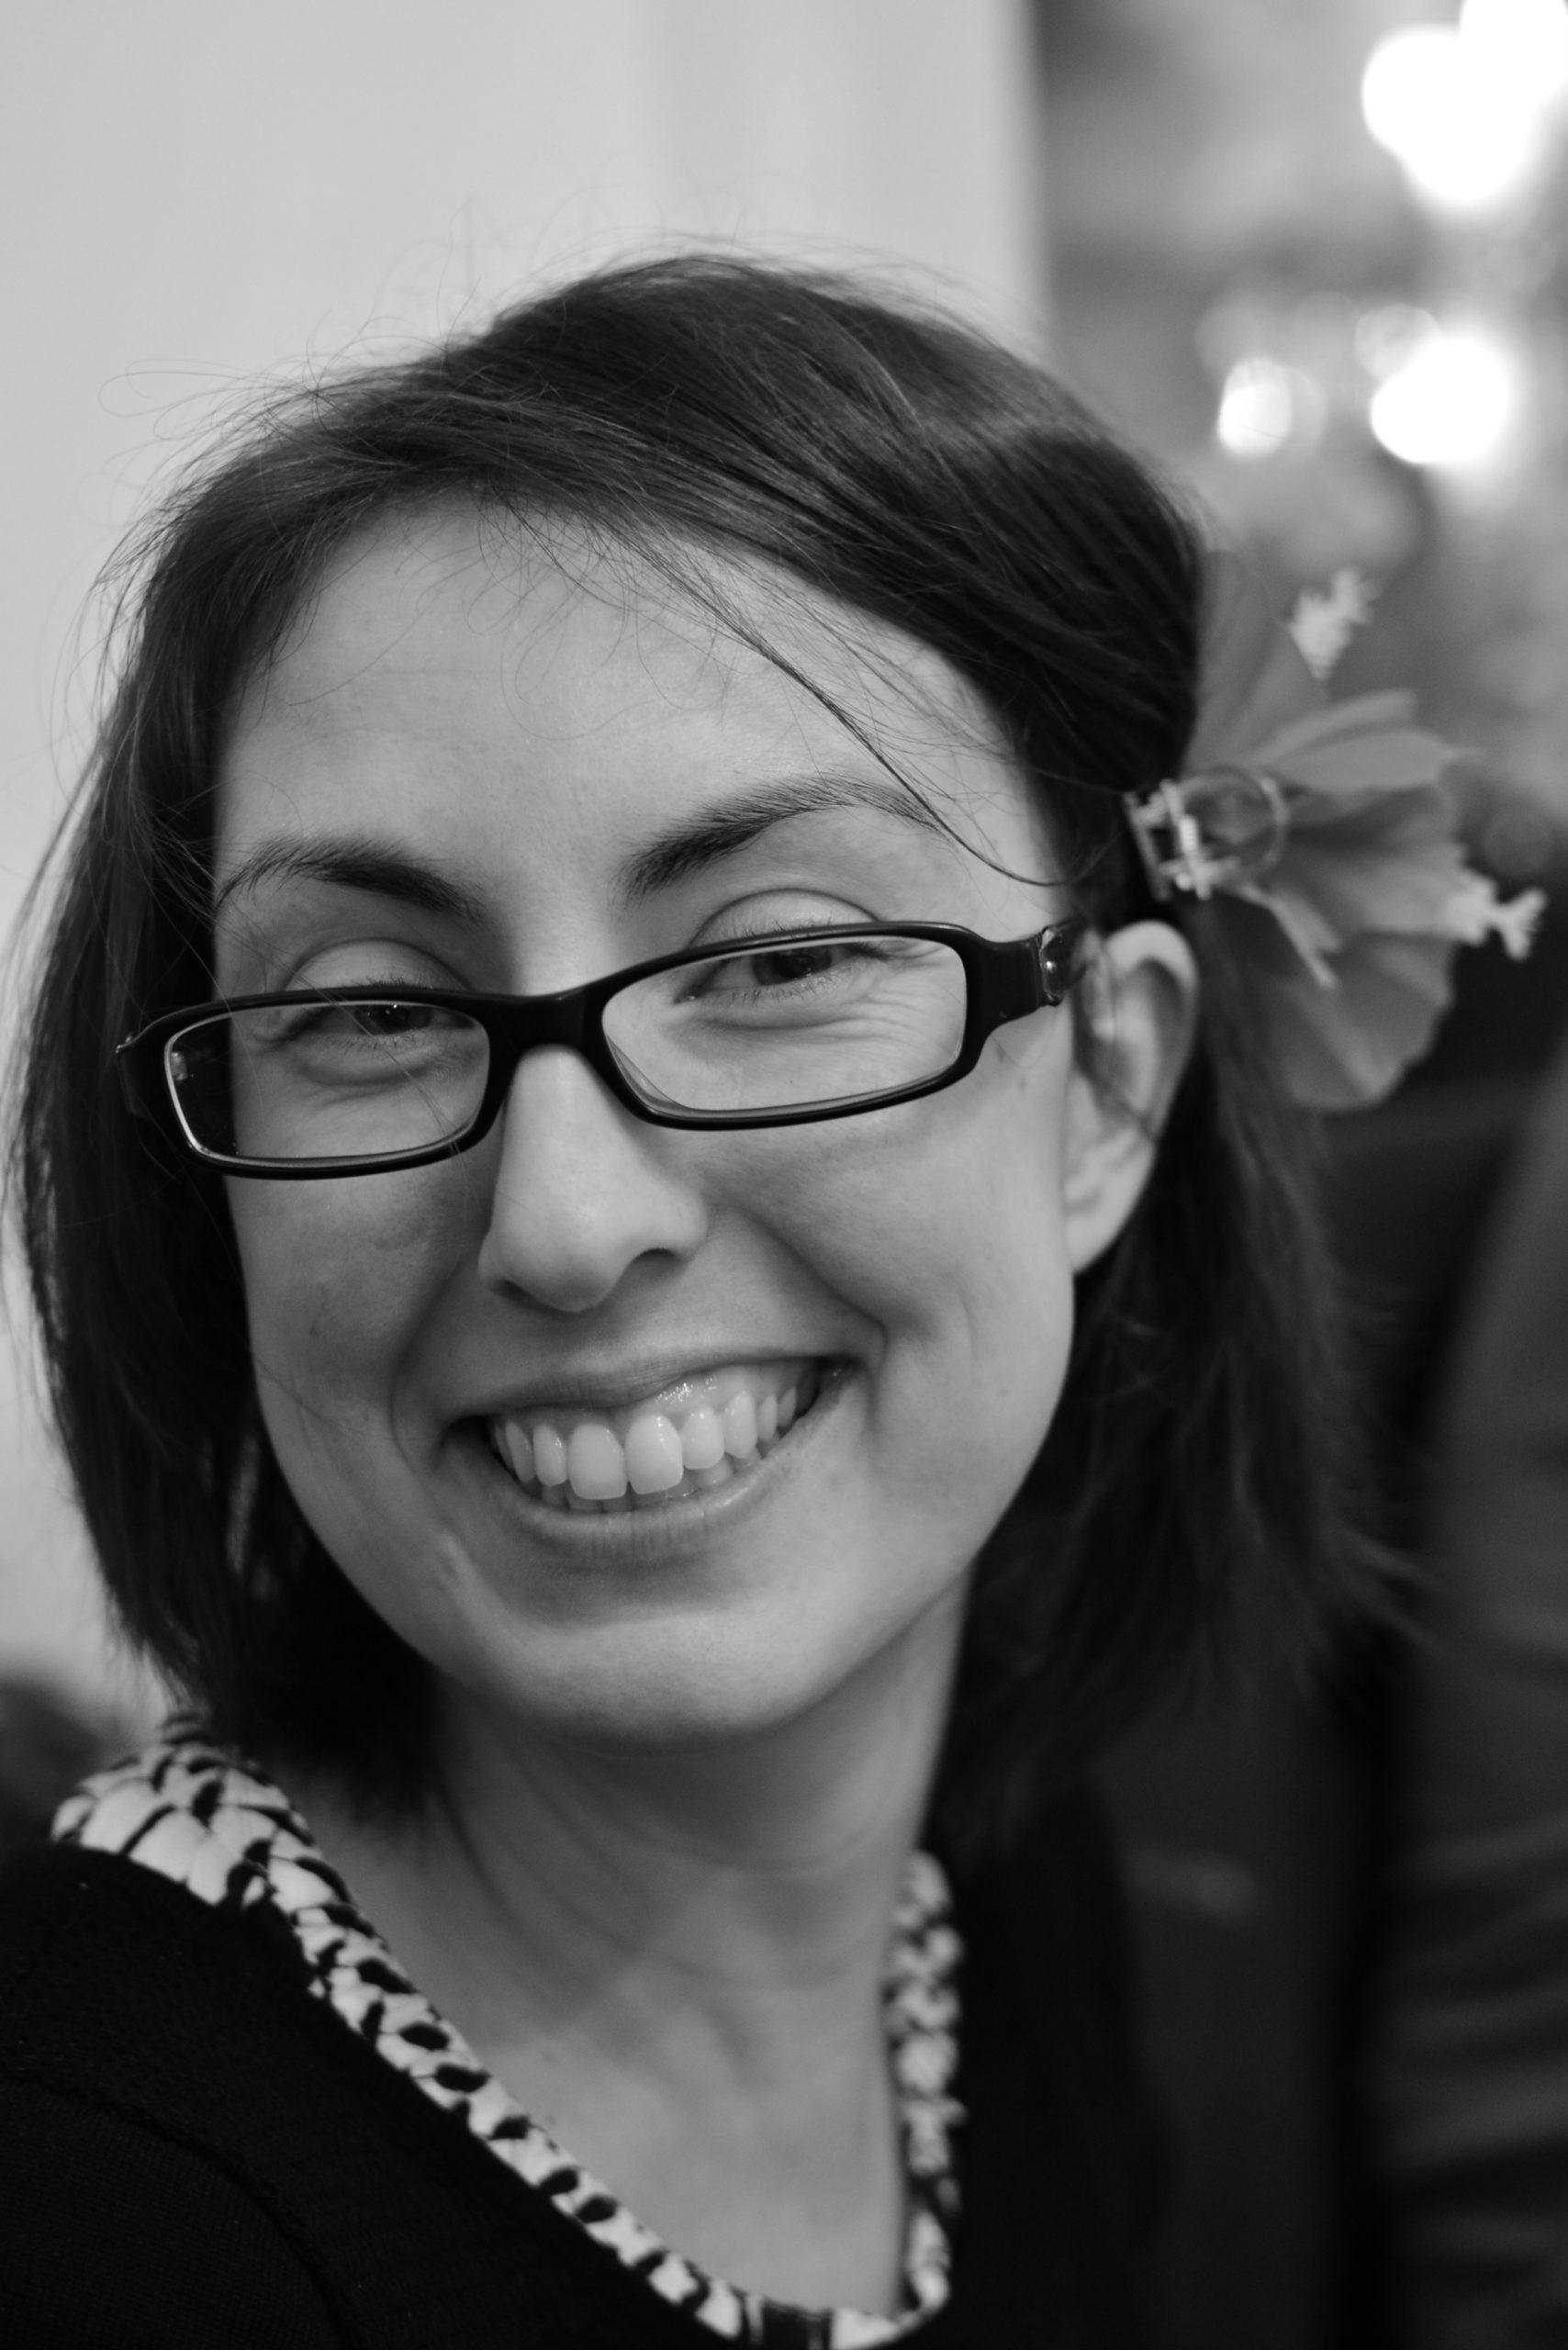 L'invitée créative pour la Box d'Octobre 2020 est Laëtitia Pauchet